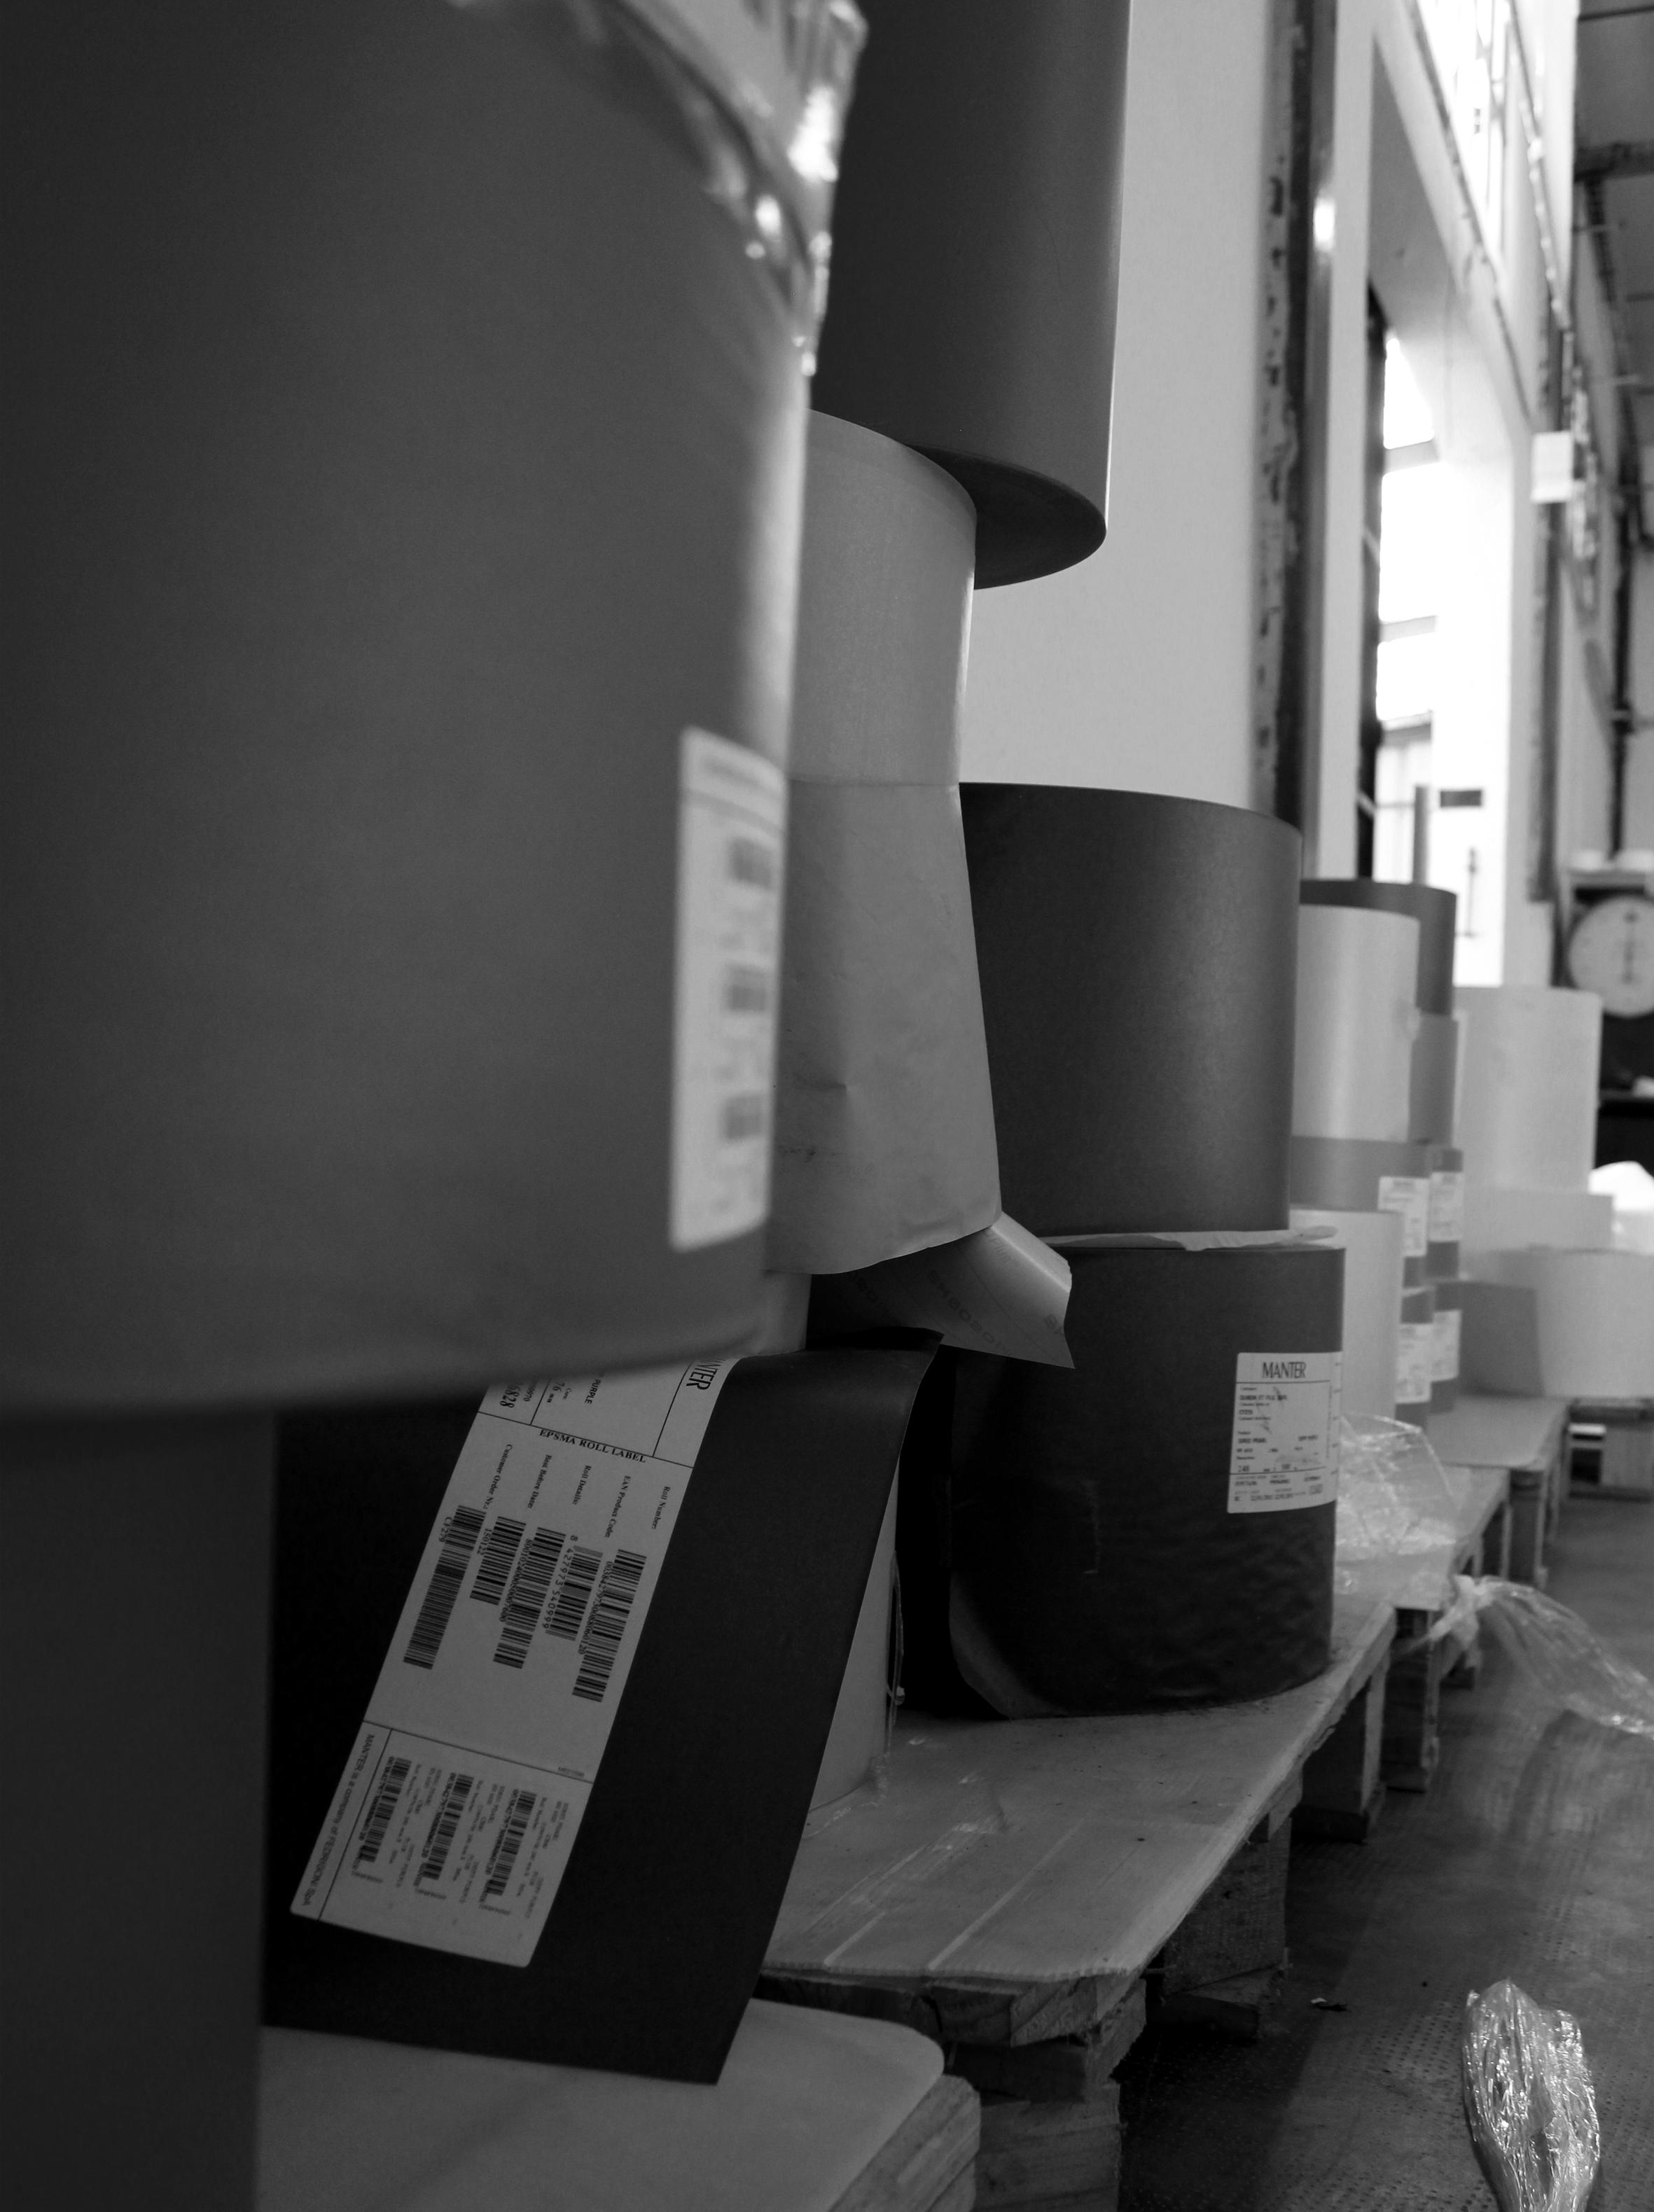 imprimerie,dubon,perpignan,66,papier,rouleau